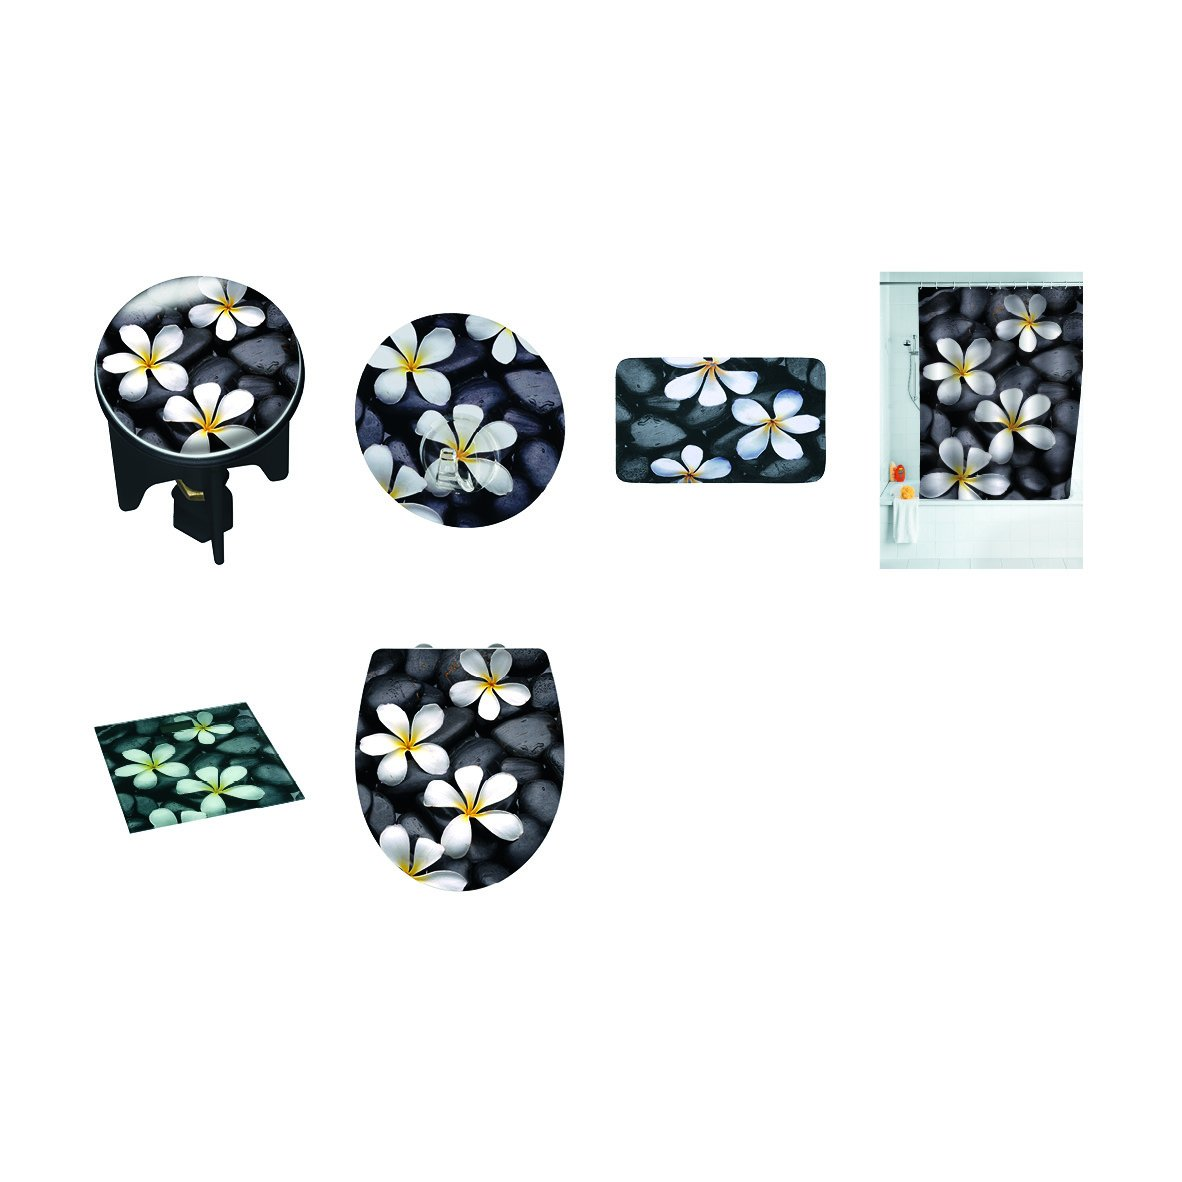 3.9 x 6.5 x 3.9 cm Materiale plastico per Tutti Gli scarichi Commerciali Wenko 20867100 Tappo di lavabo Pluggy Meditation Multicolore